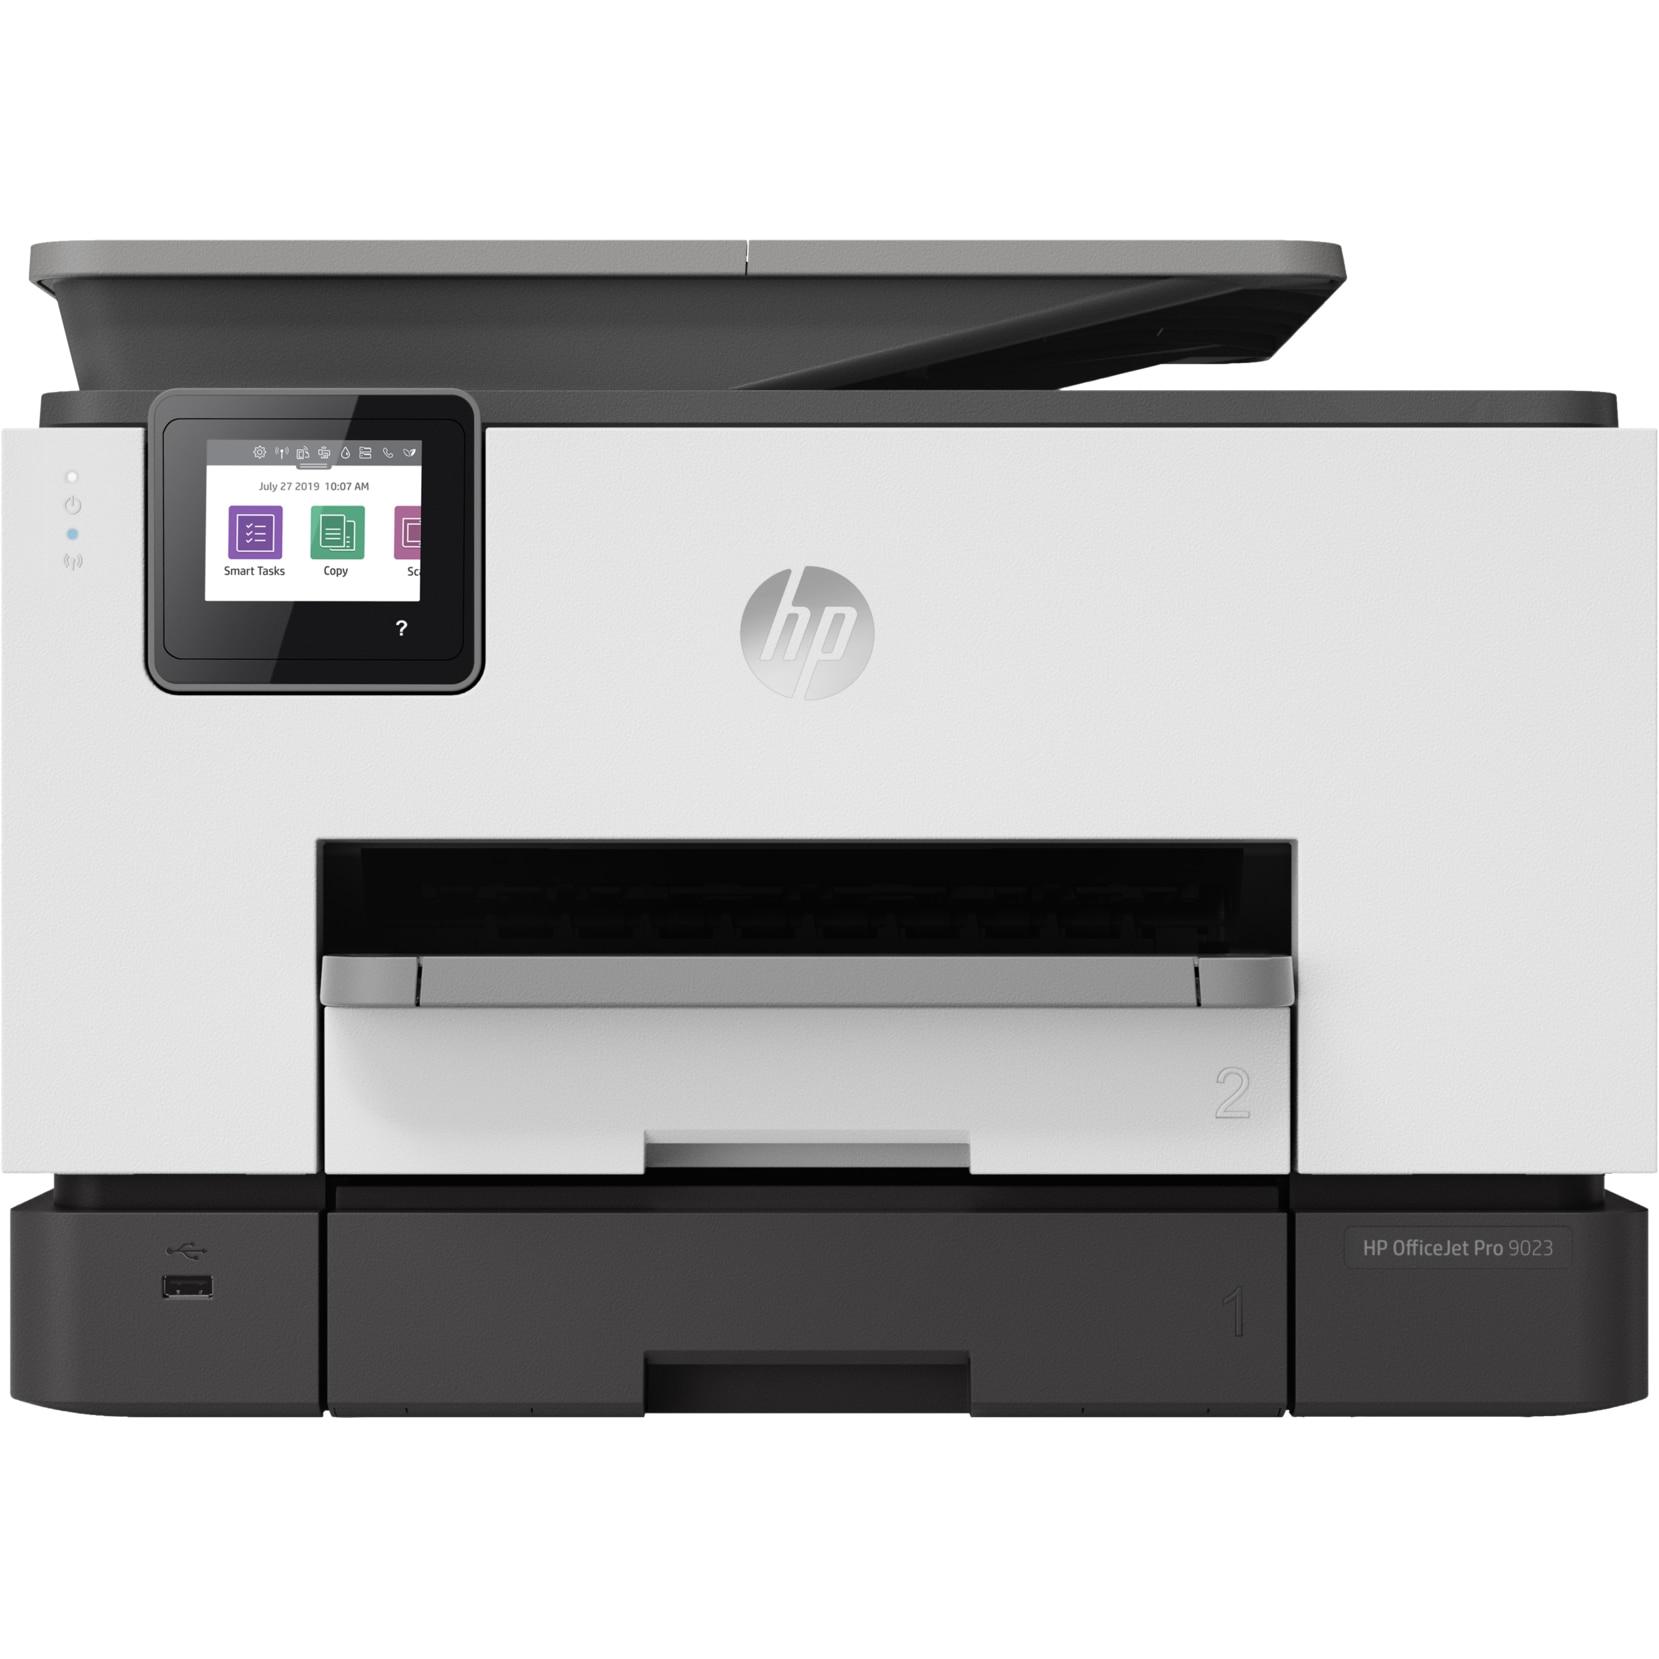 Fotografie Multifunctional inkjet color HP OfficeJet Pro 9023, Retea, Wireless, Duplex, ADF, A4